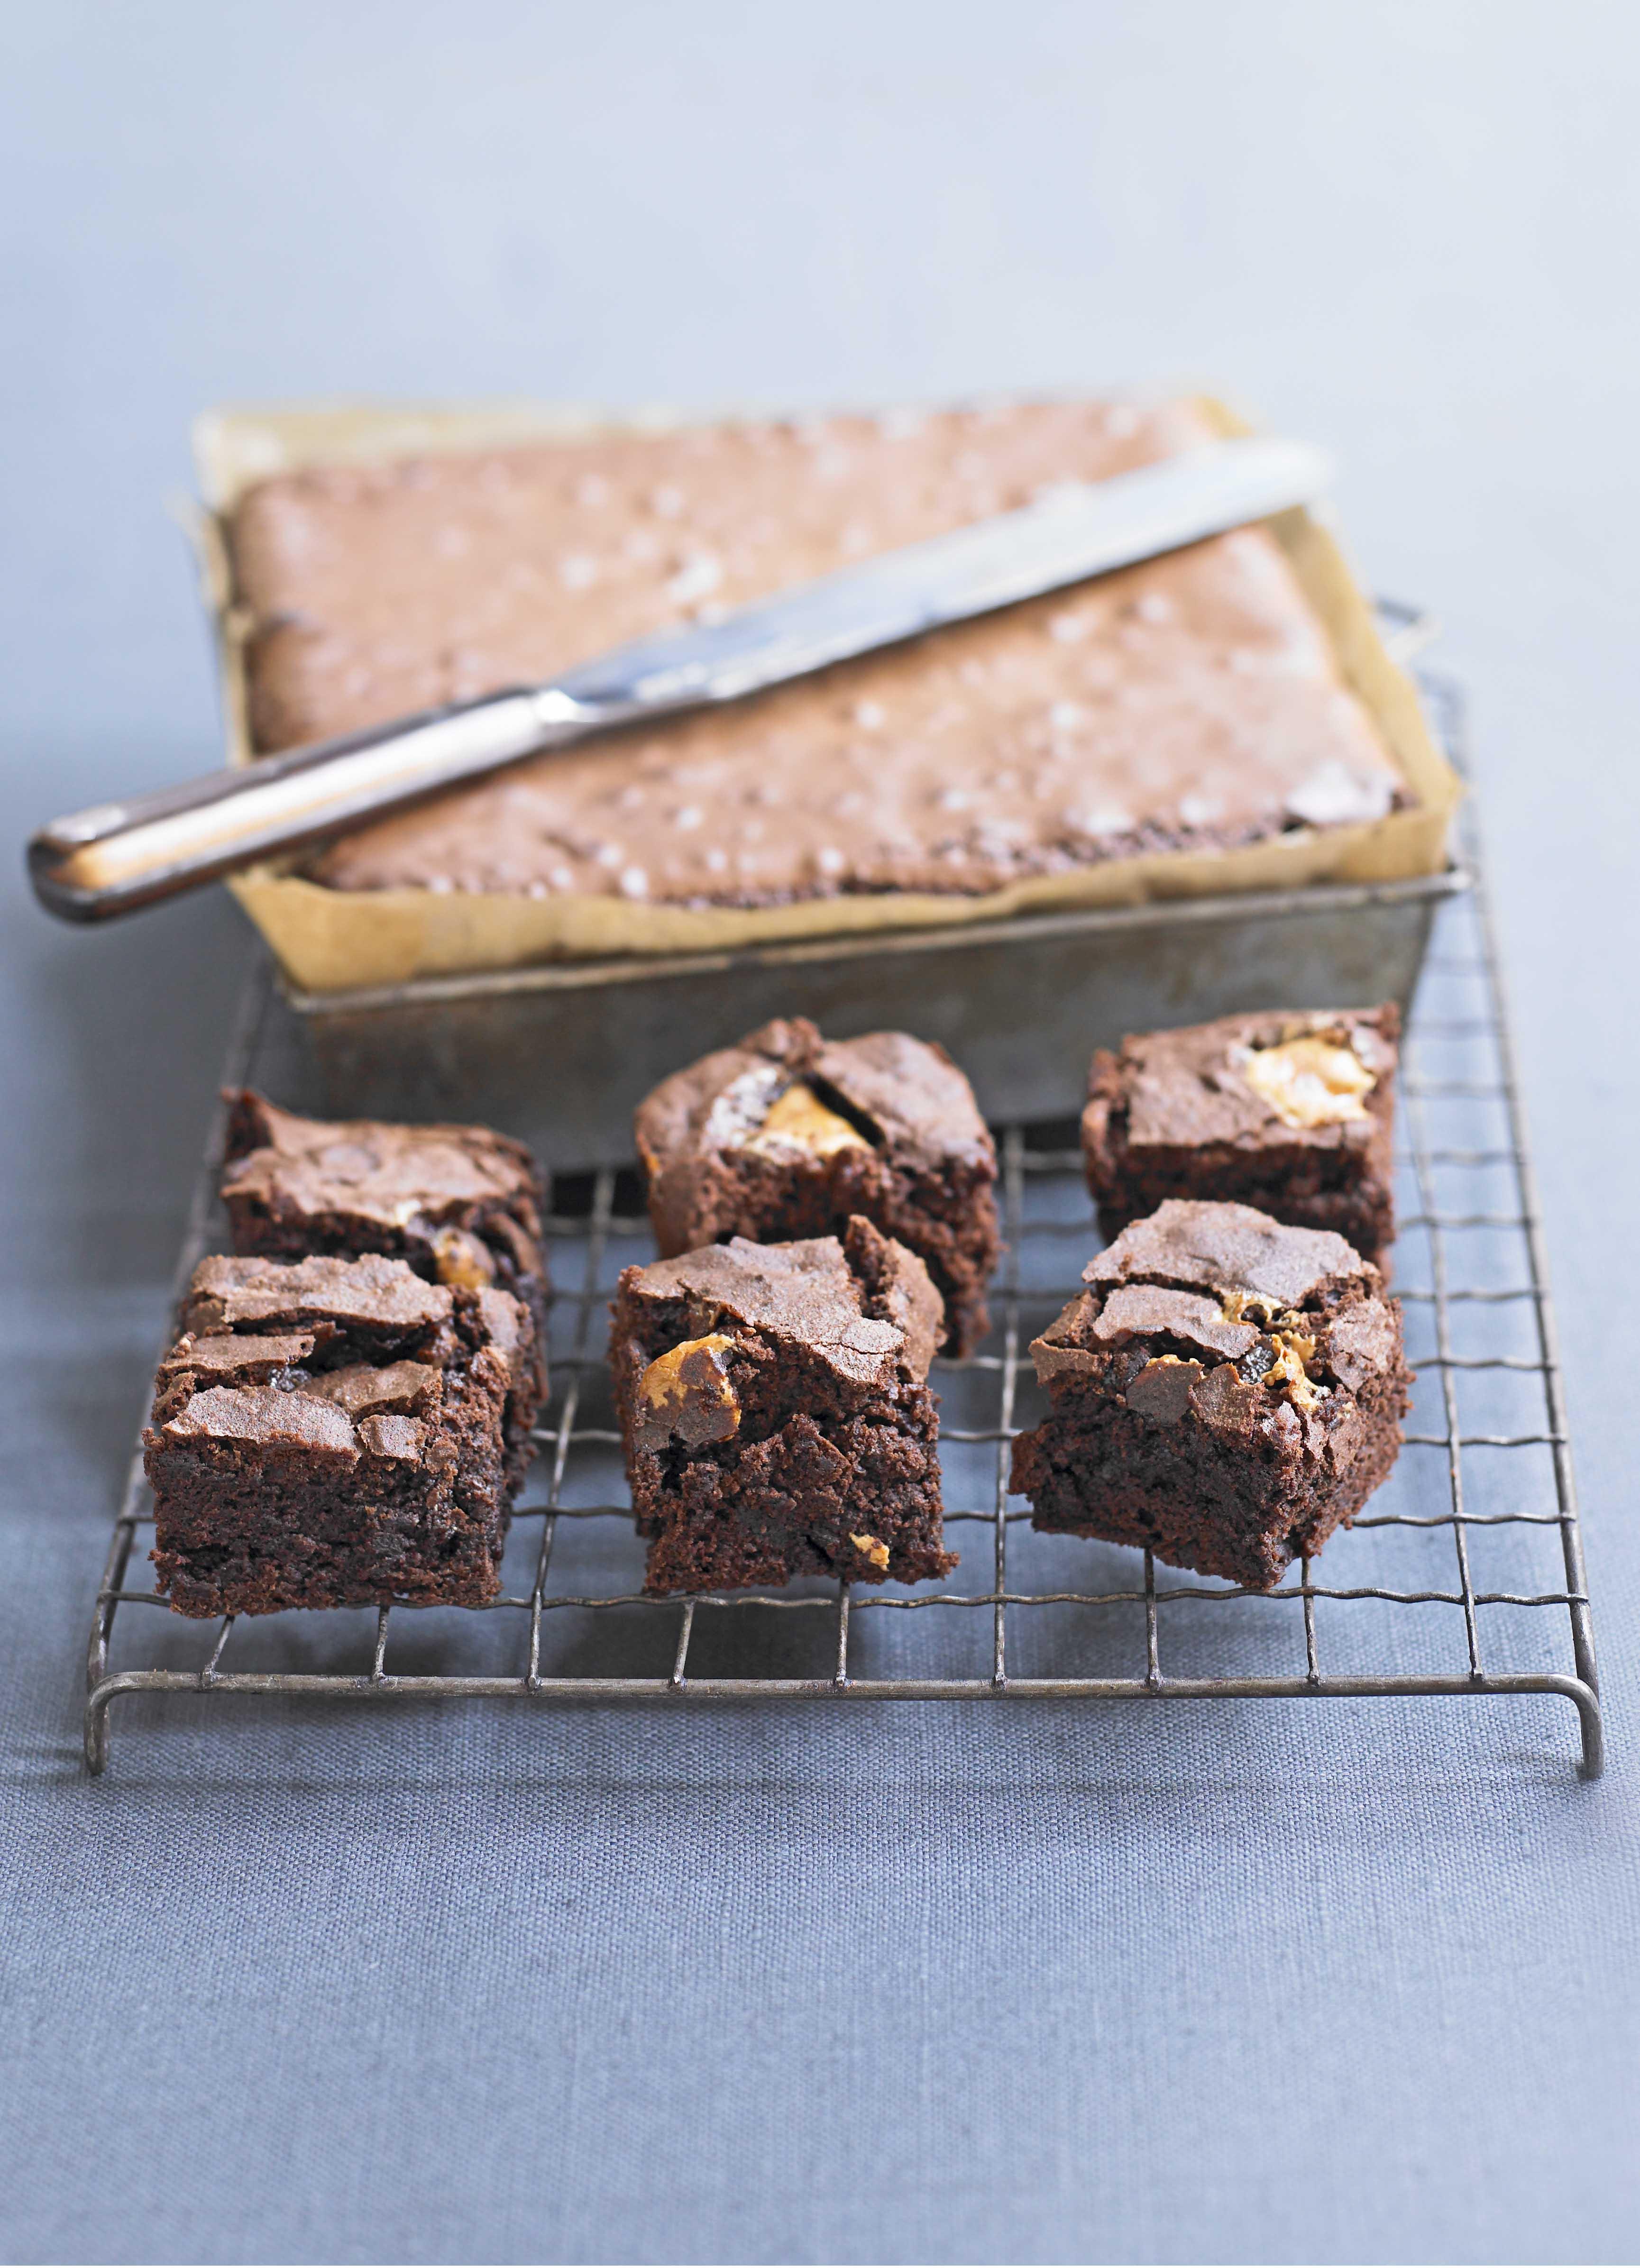 Best chocolate brownies